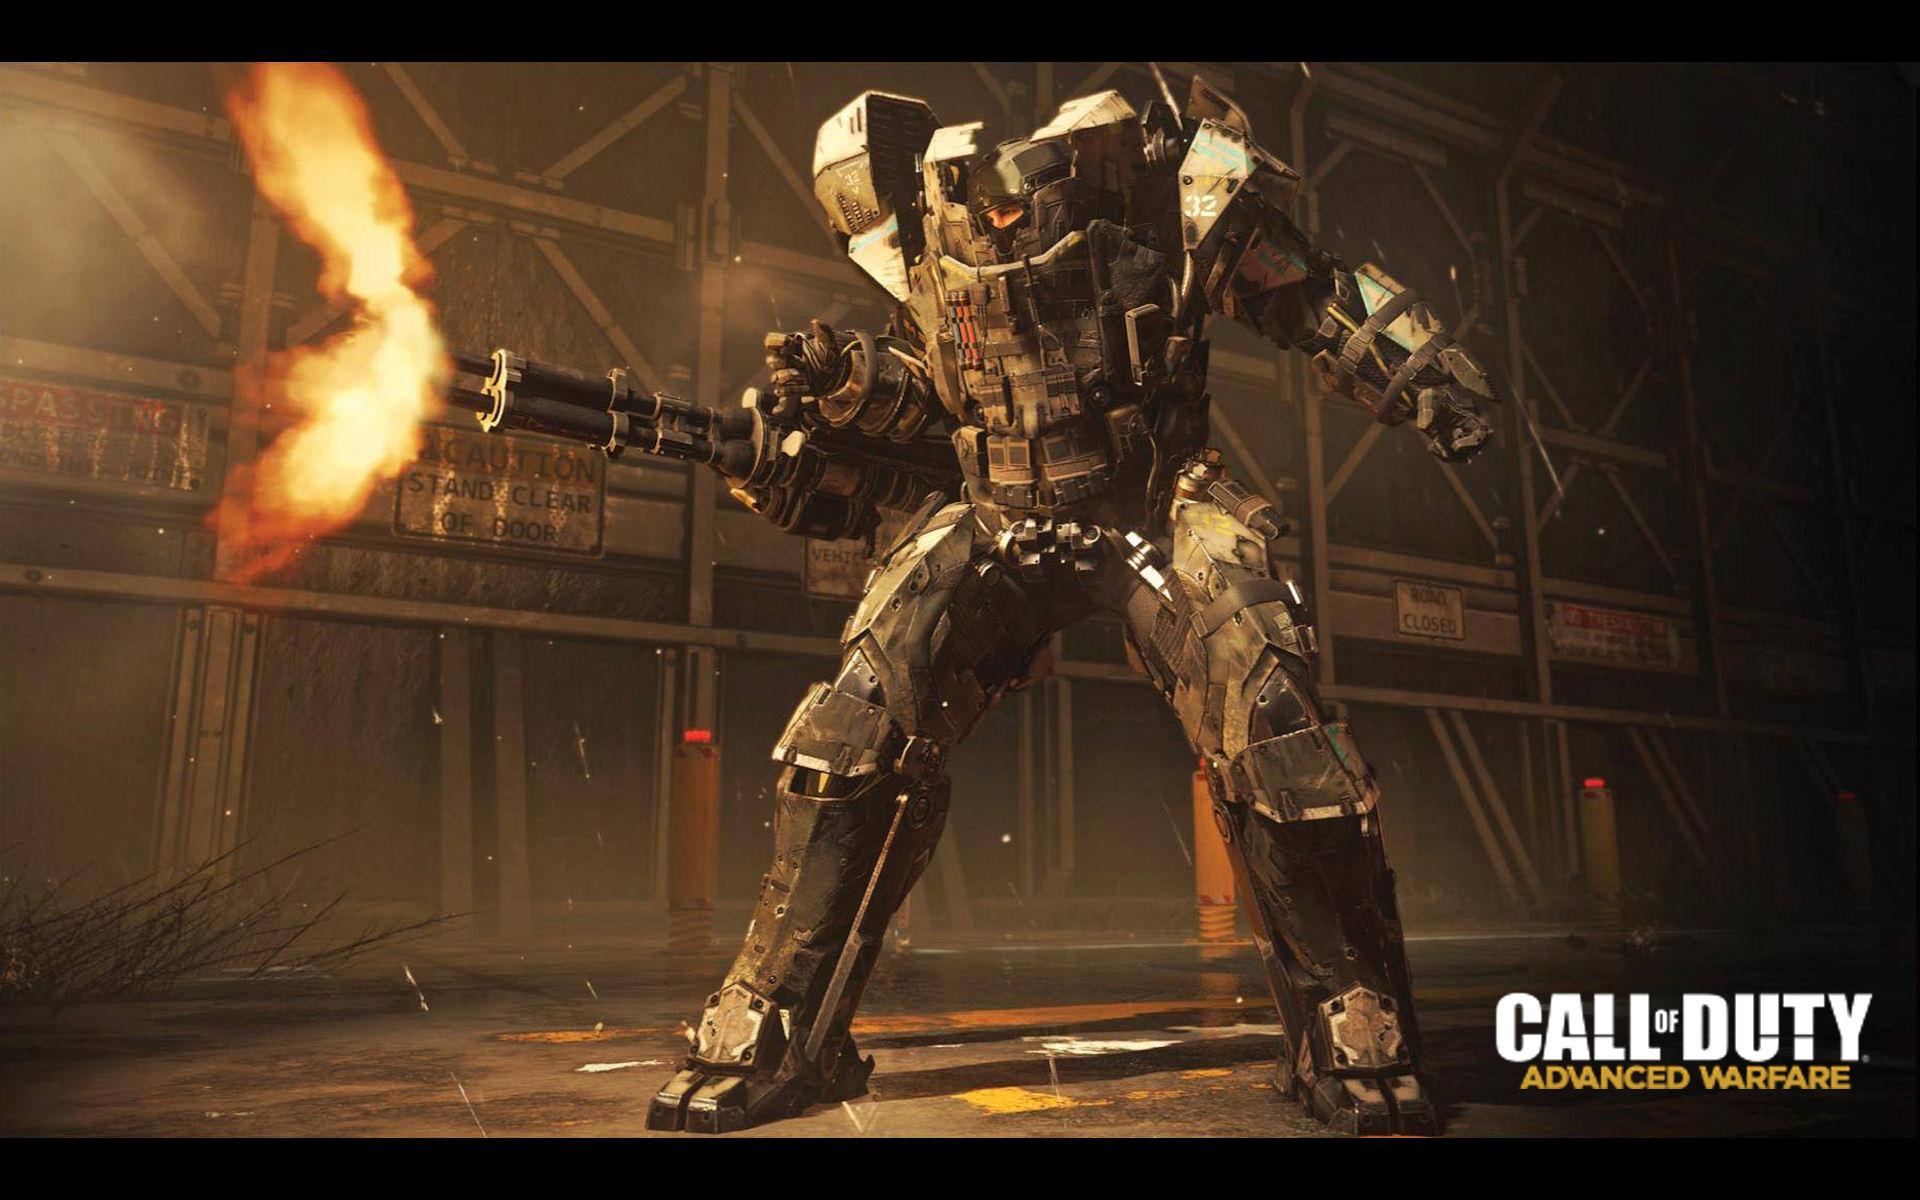 Call Of Duty Advanced Warfare Wallpaper Dota 2 And E Sports Src